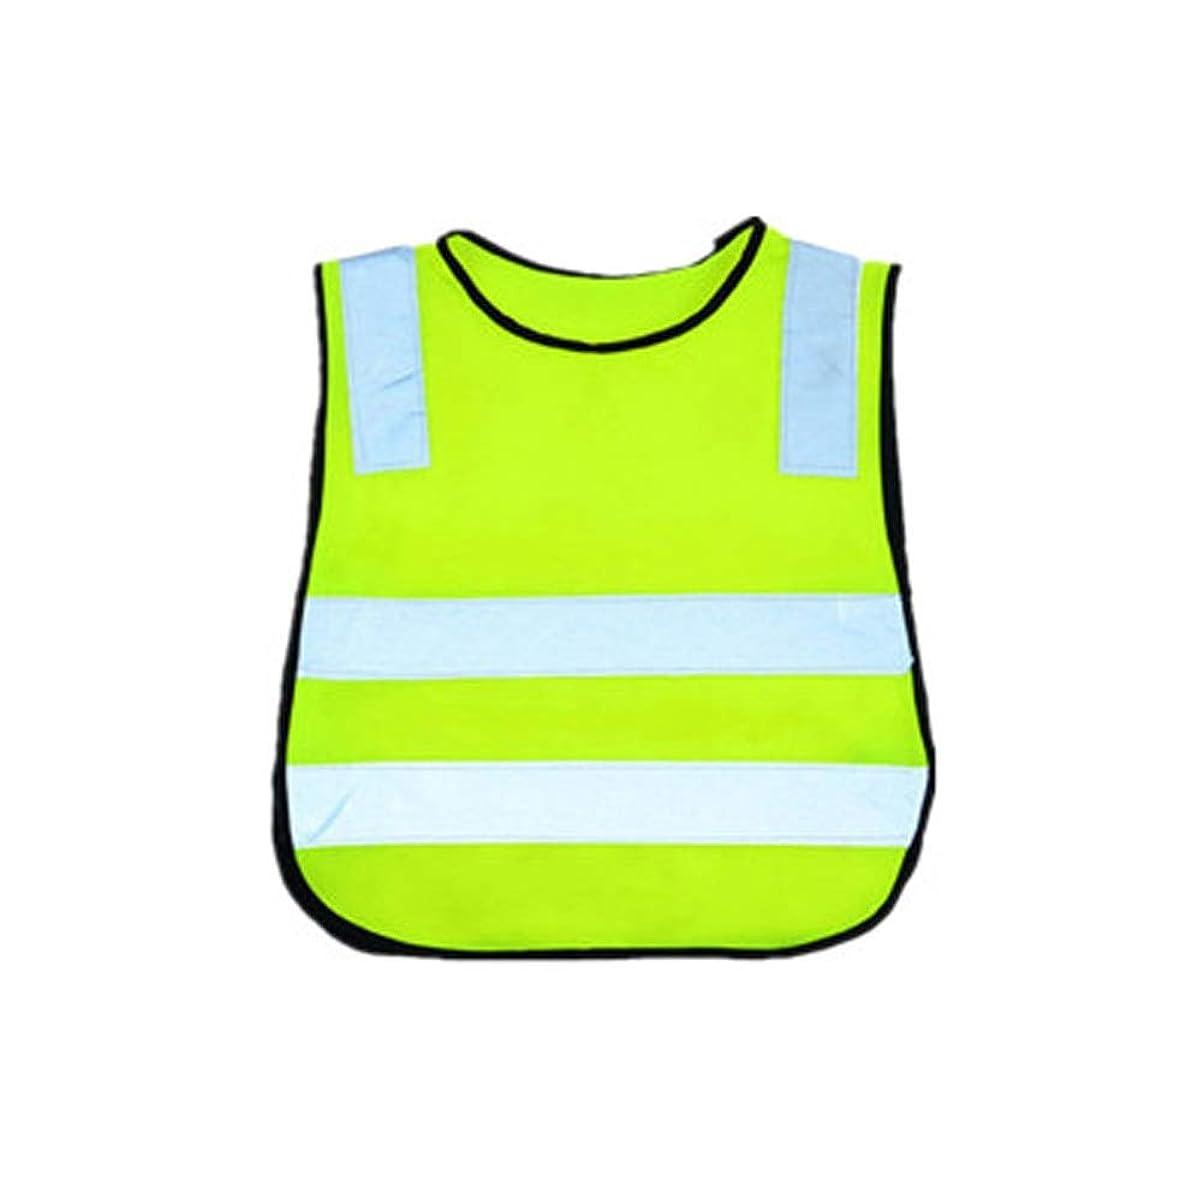 交通見捨てられた改善GLJJQMY 反射ベストグレー反射ストリップ子供の交通服高い視認性 反射ベスト (Color : Green)